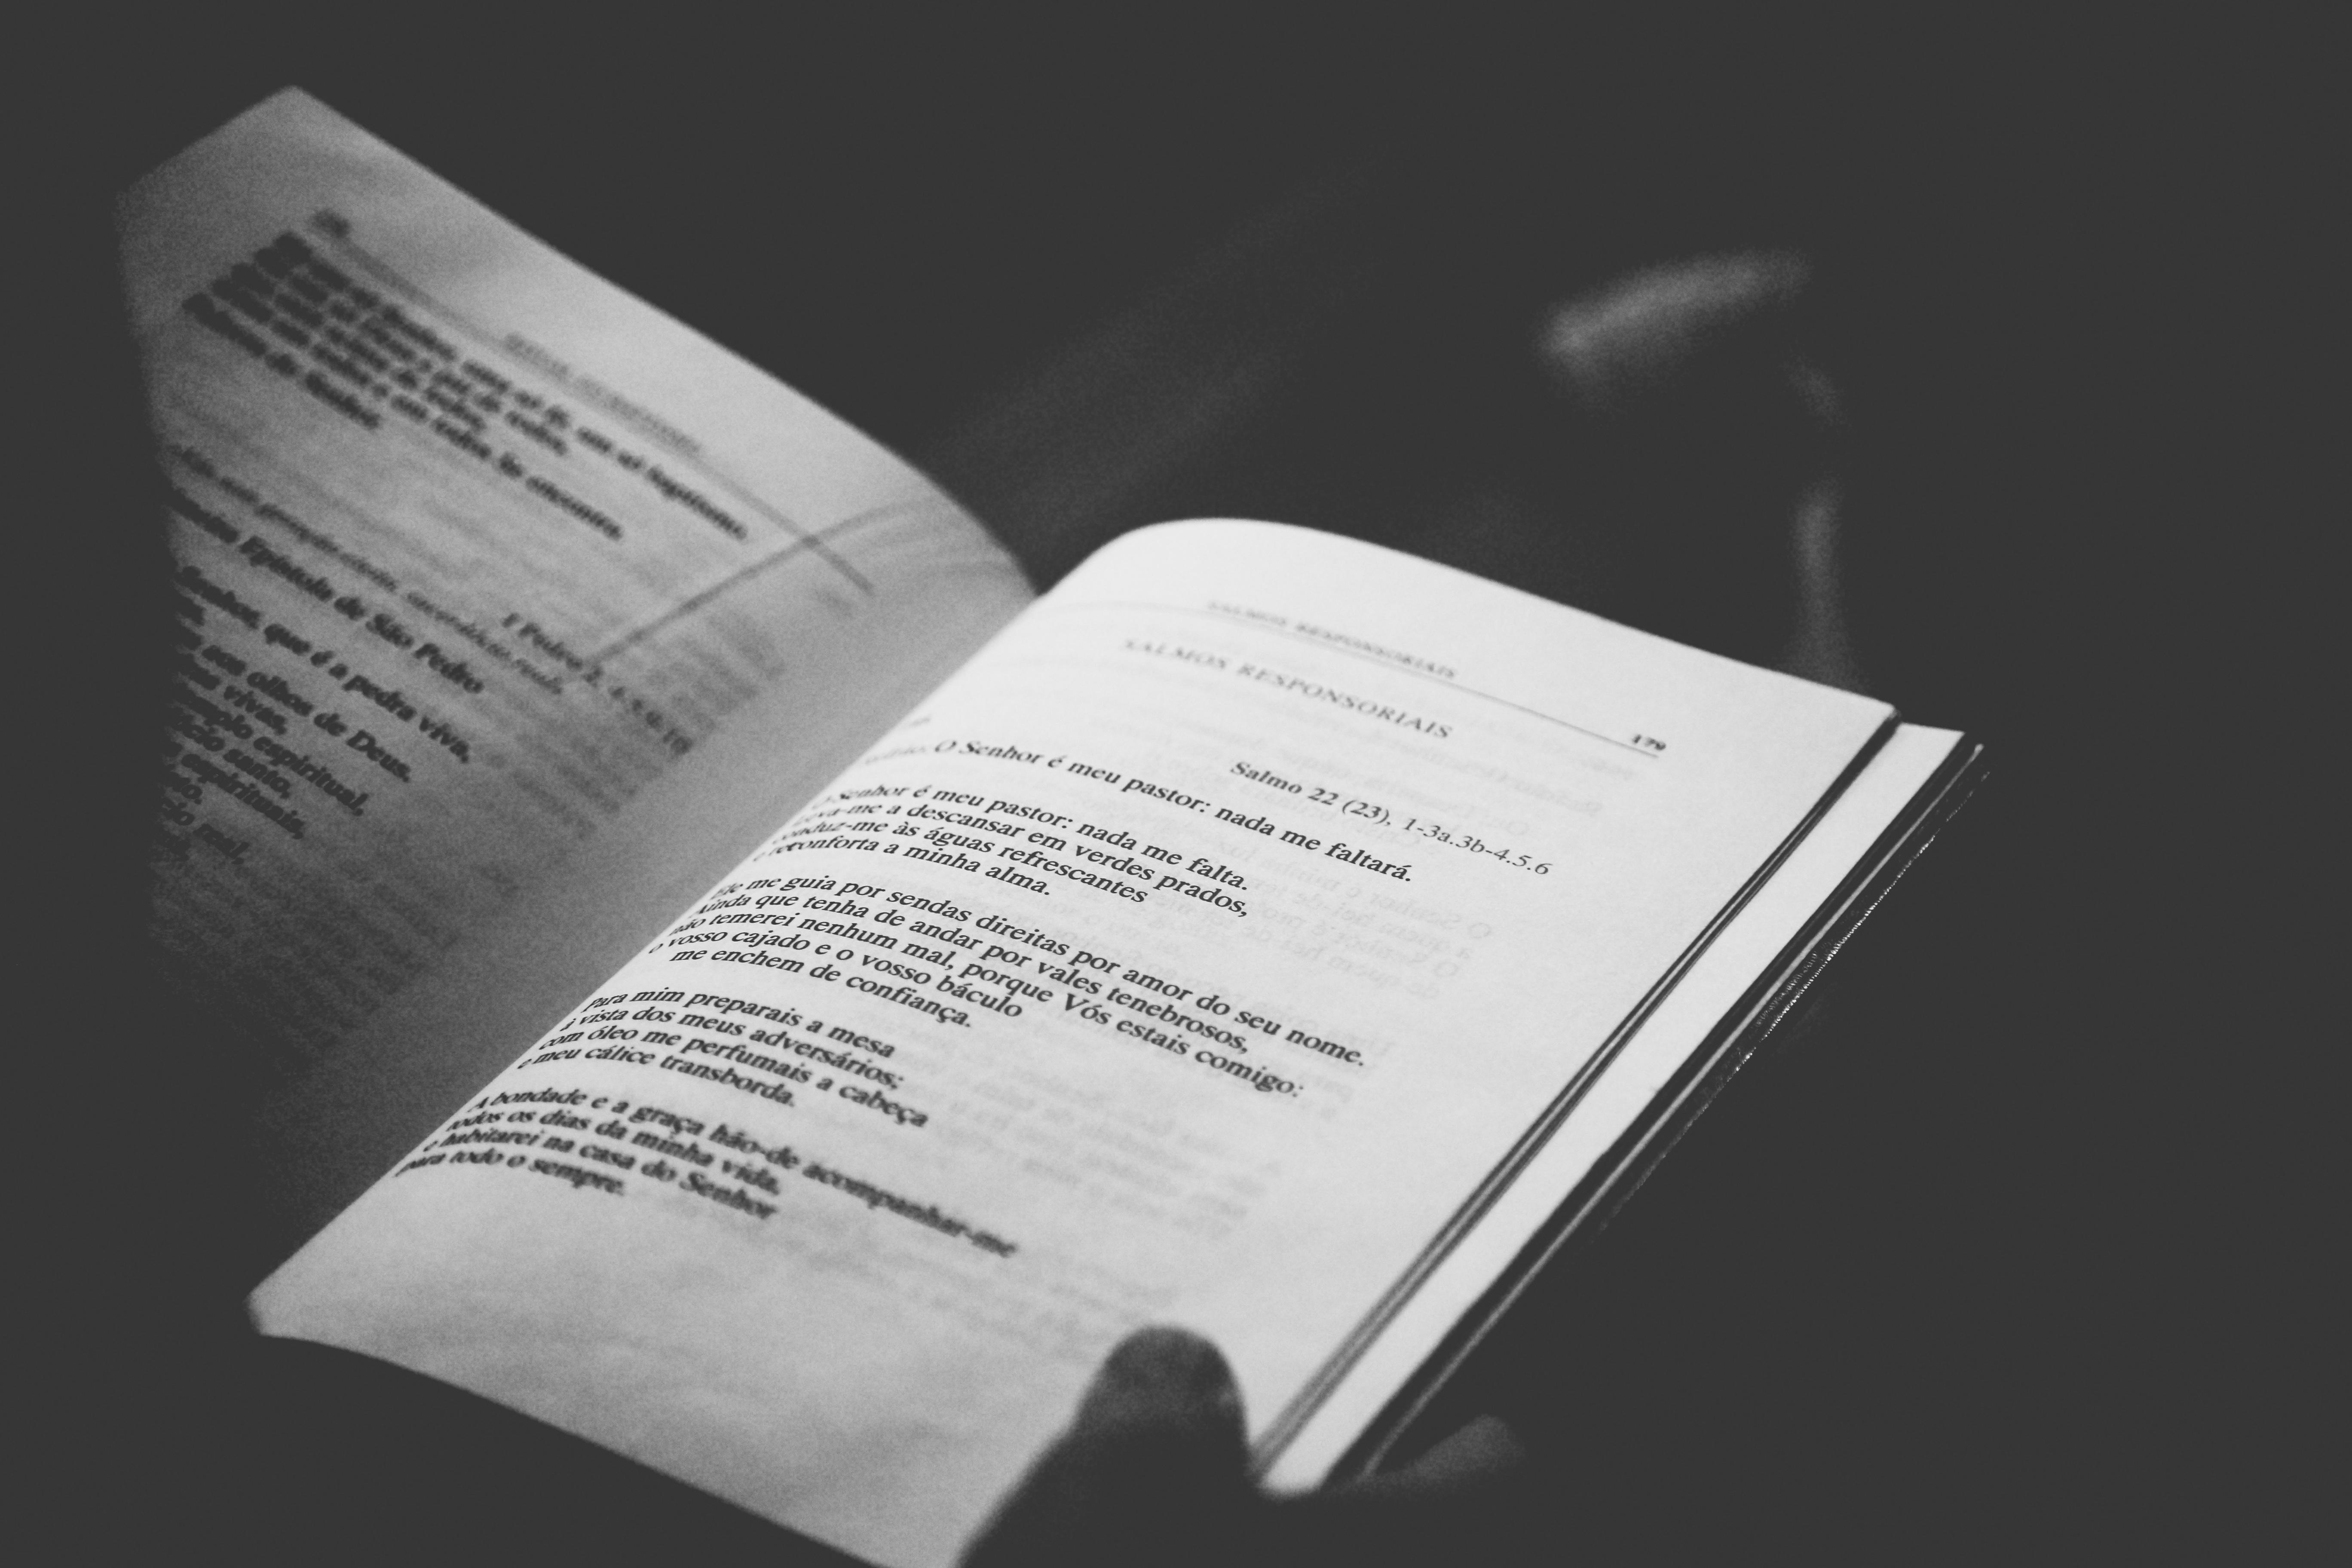 livro de cerimonia de batismo